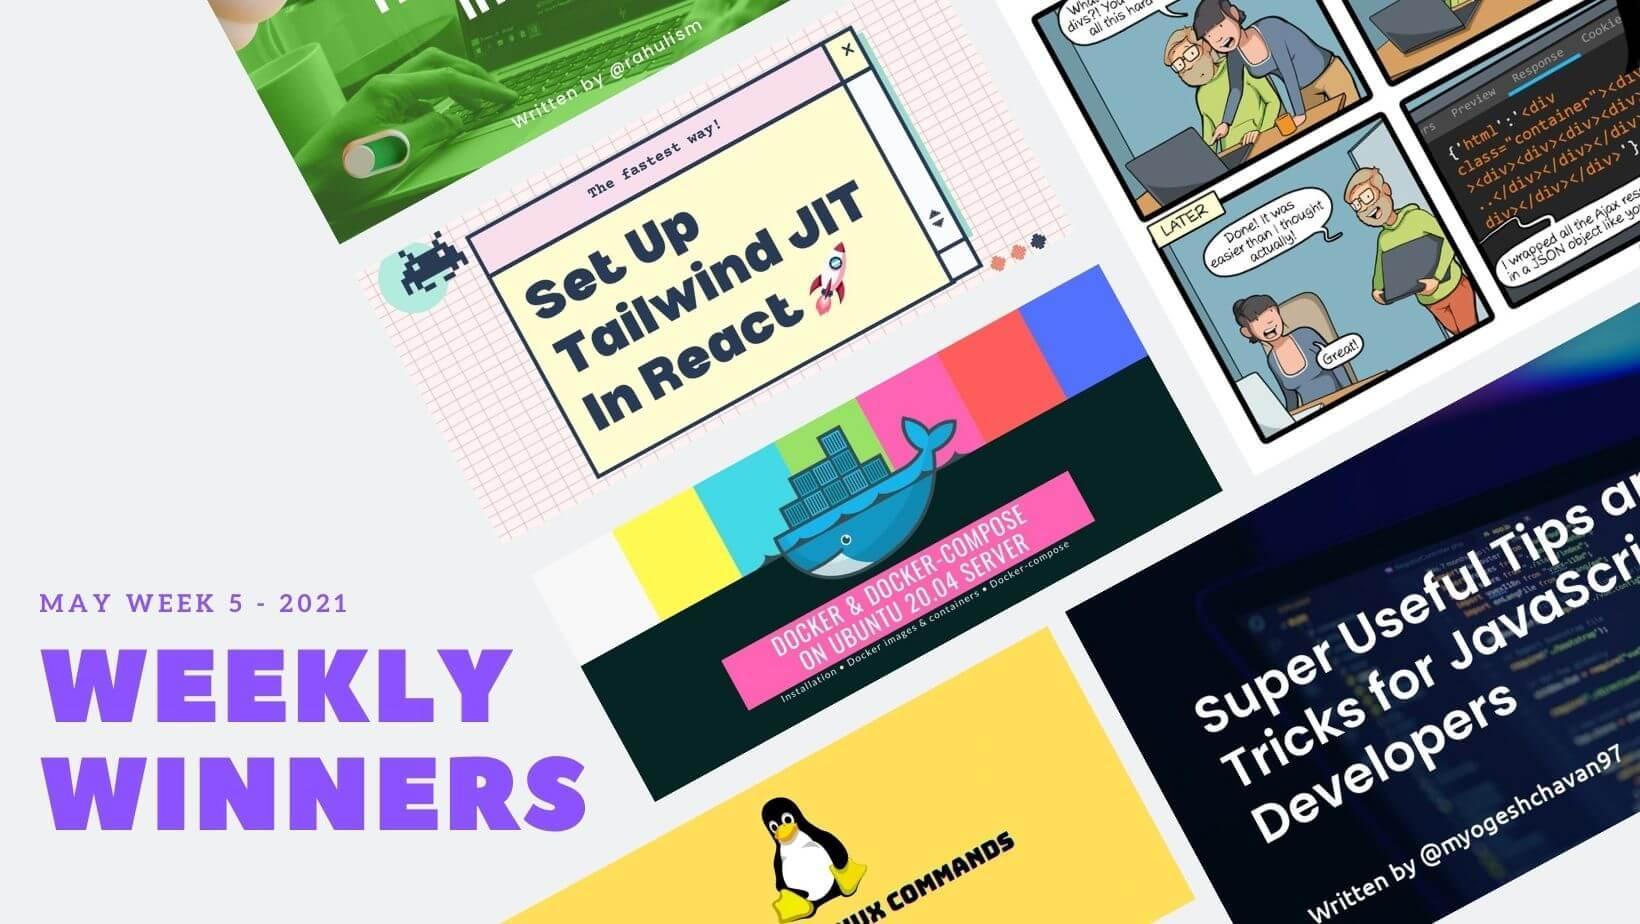 DevDojo Weekly Winners Week 5 May 2021